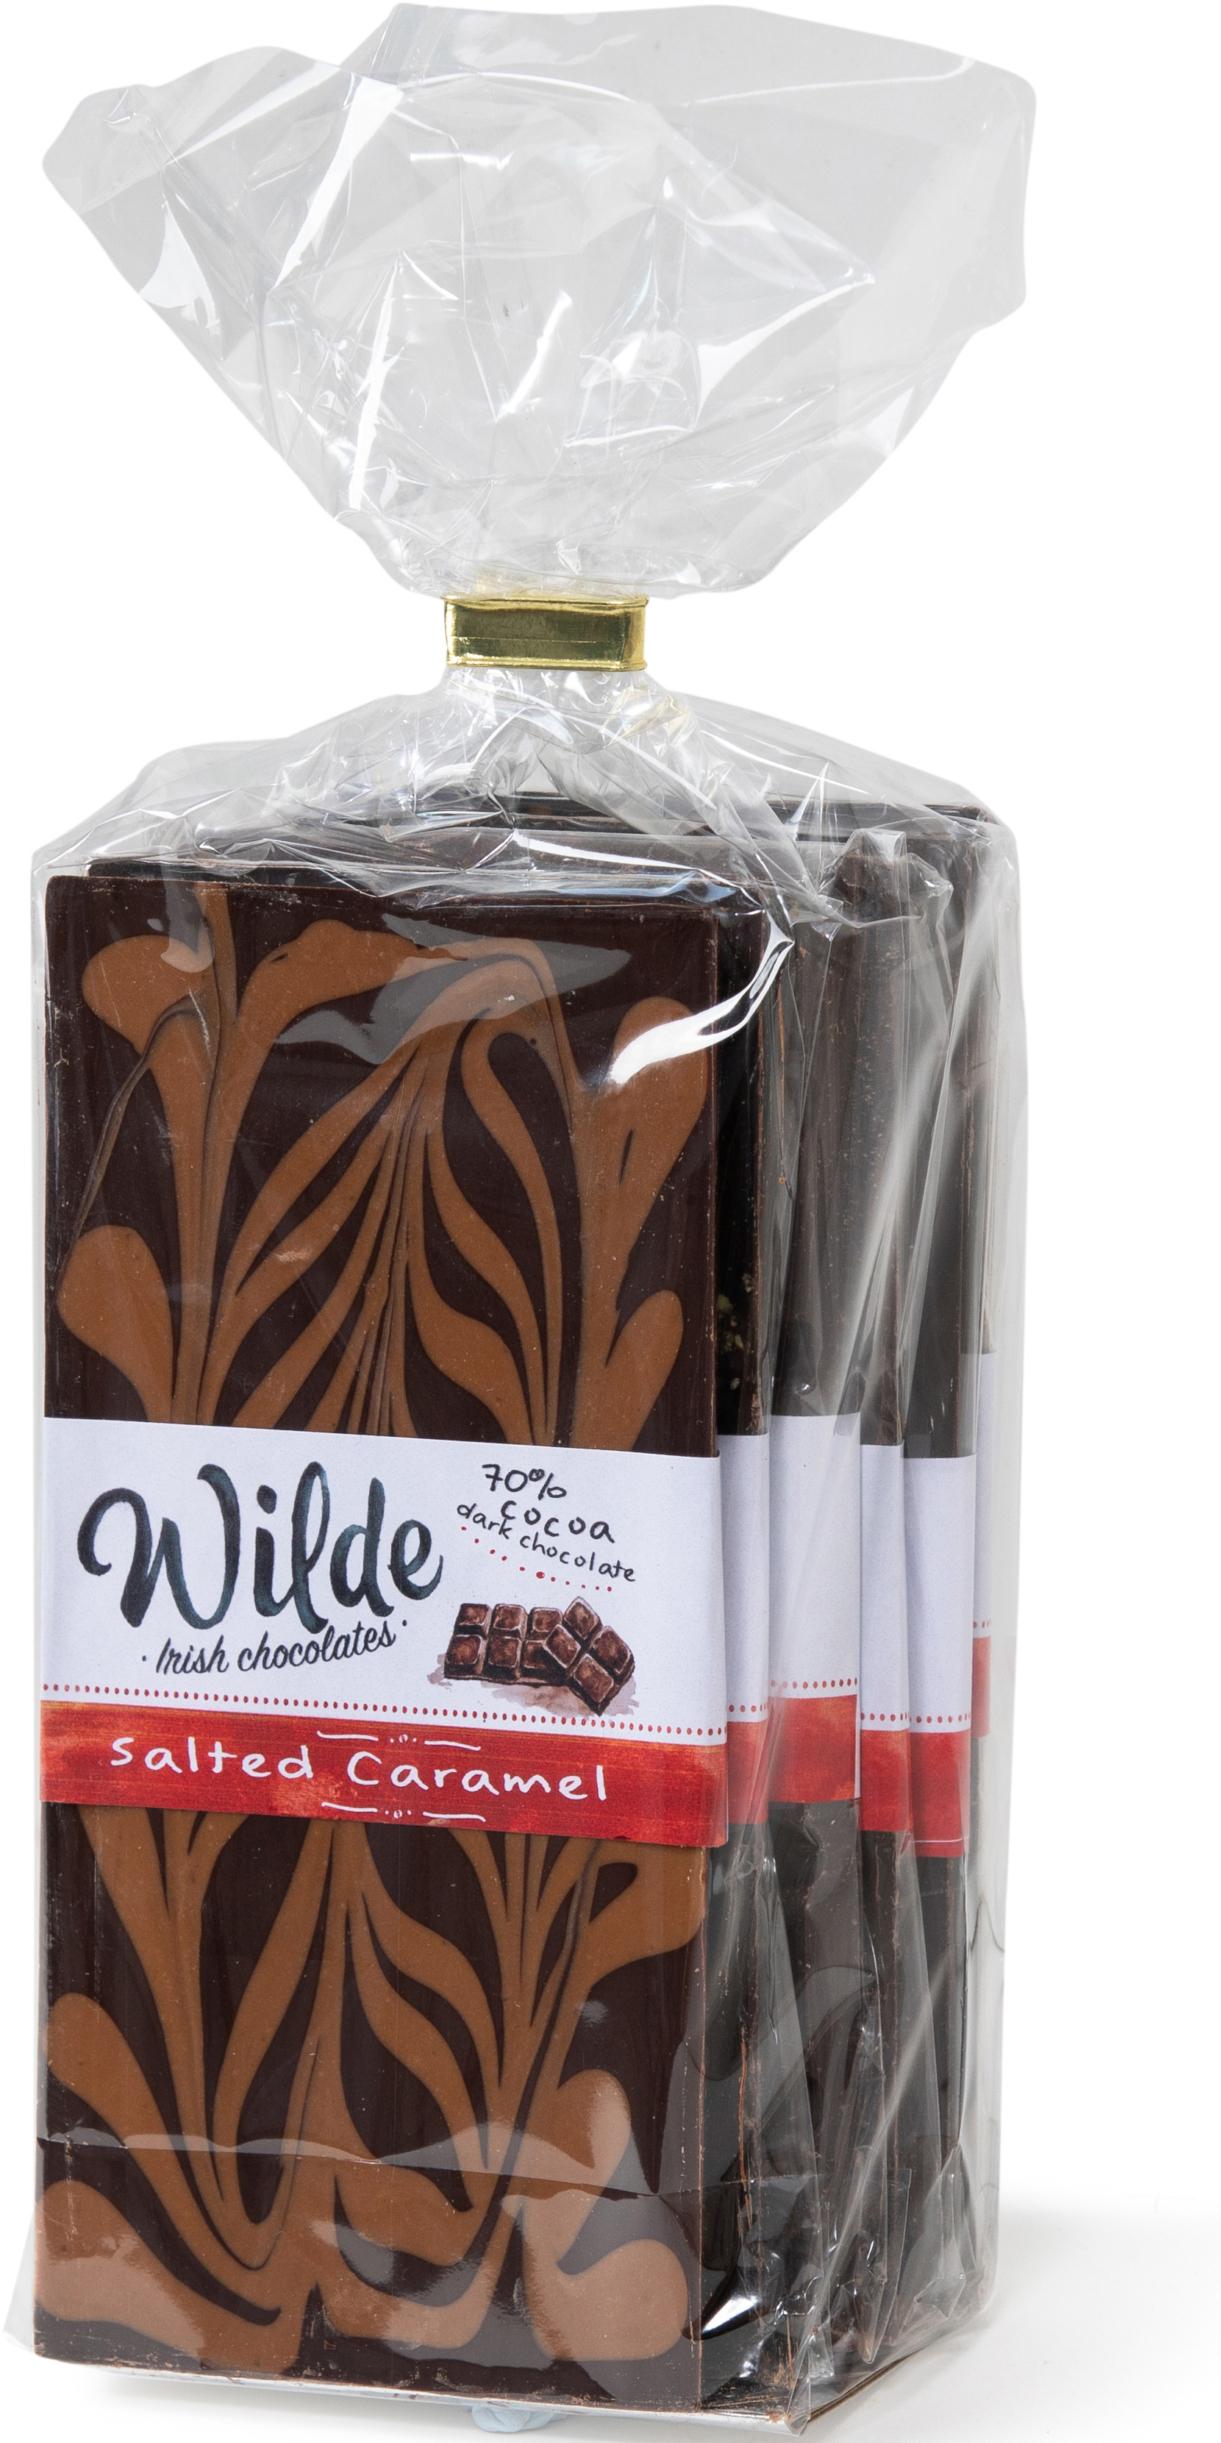 caramel chocolate bar pack - Wilde Irish Chocolates